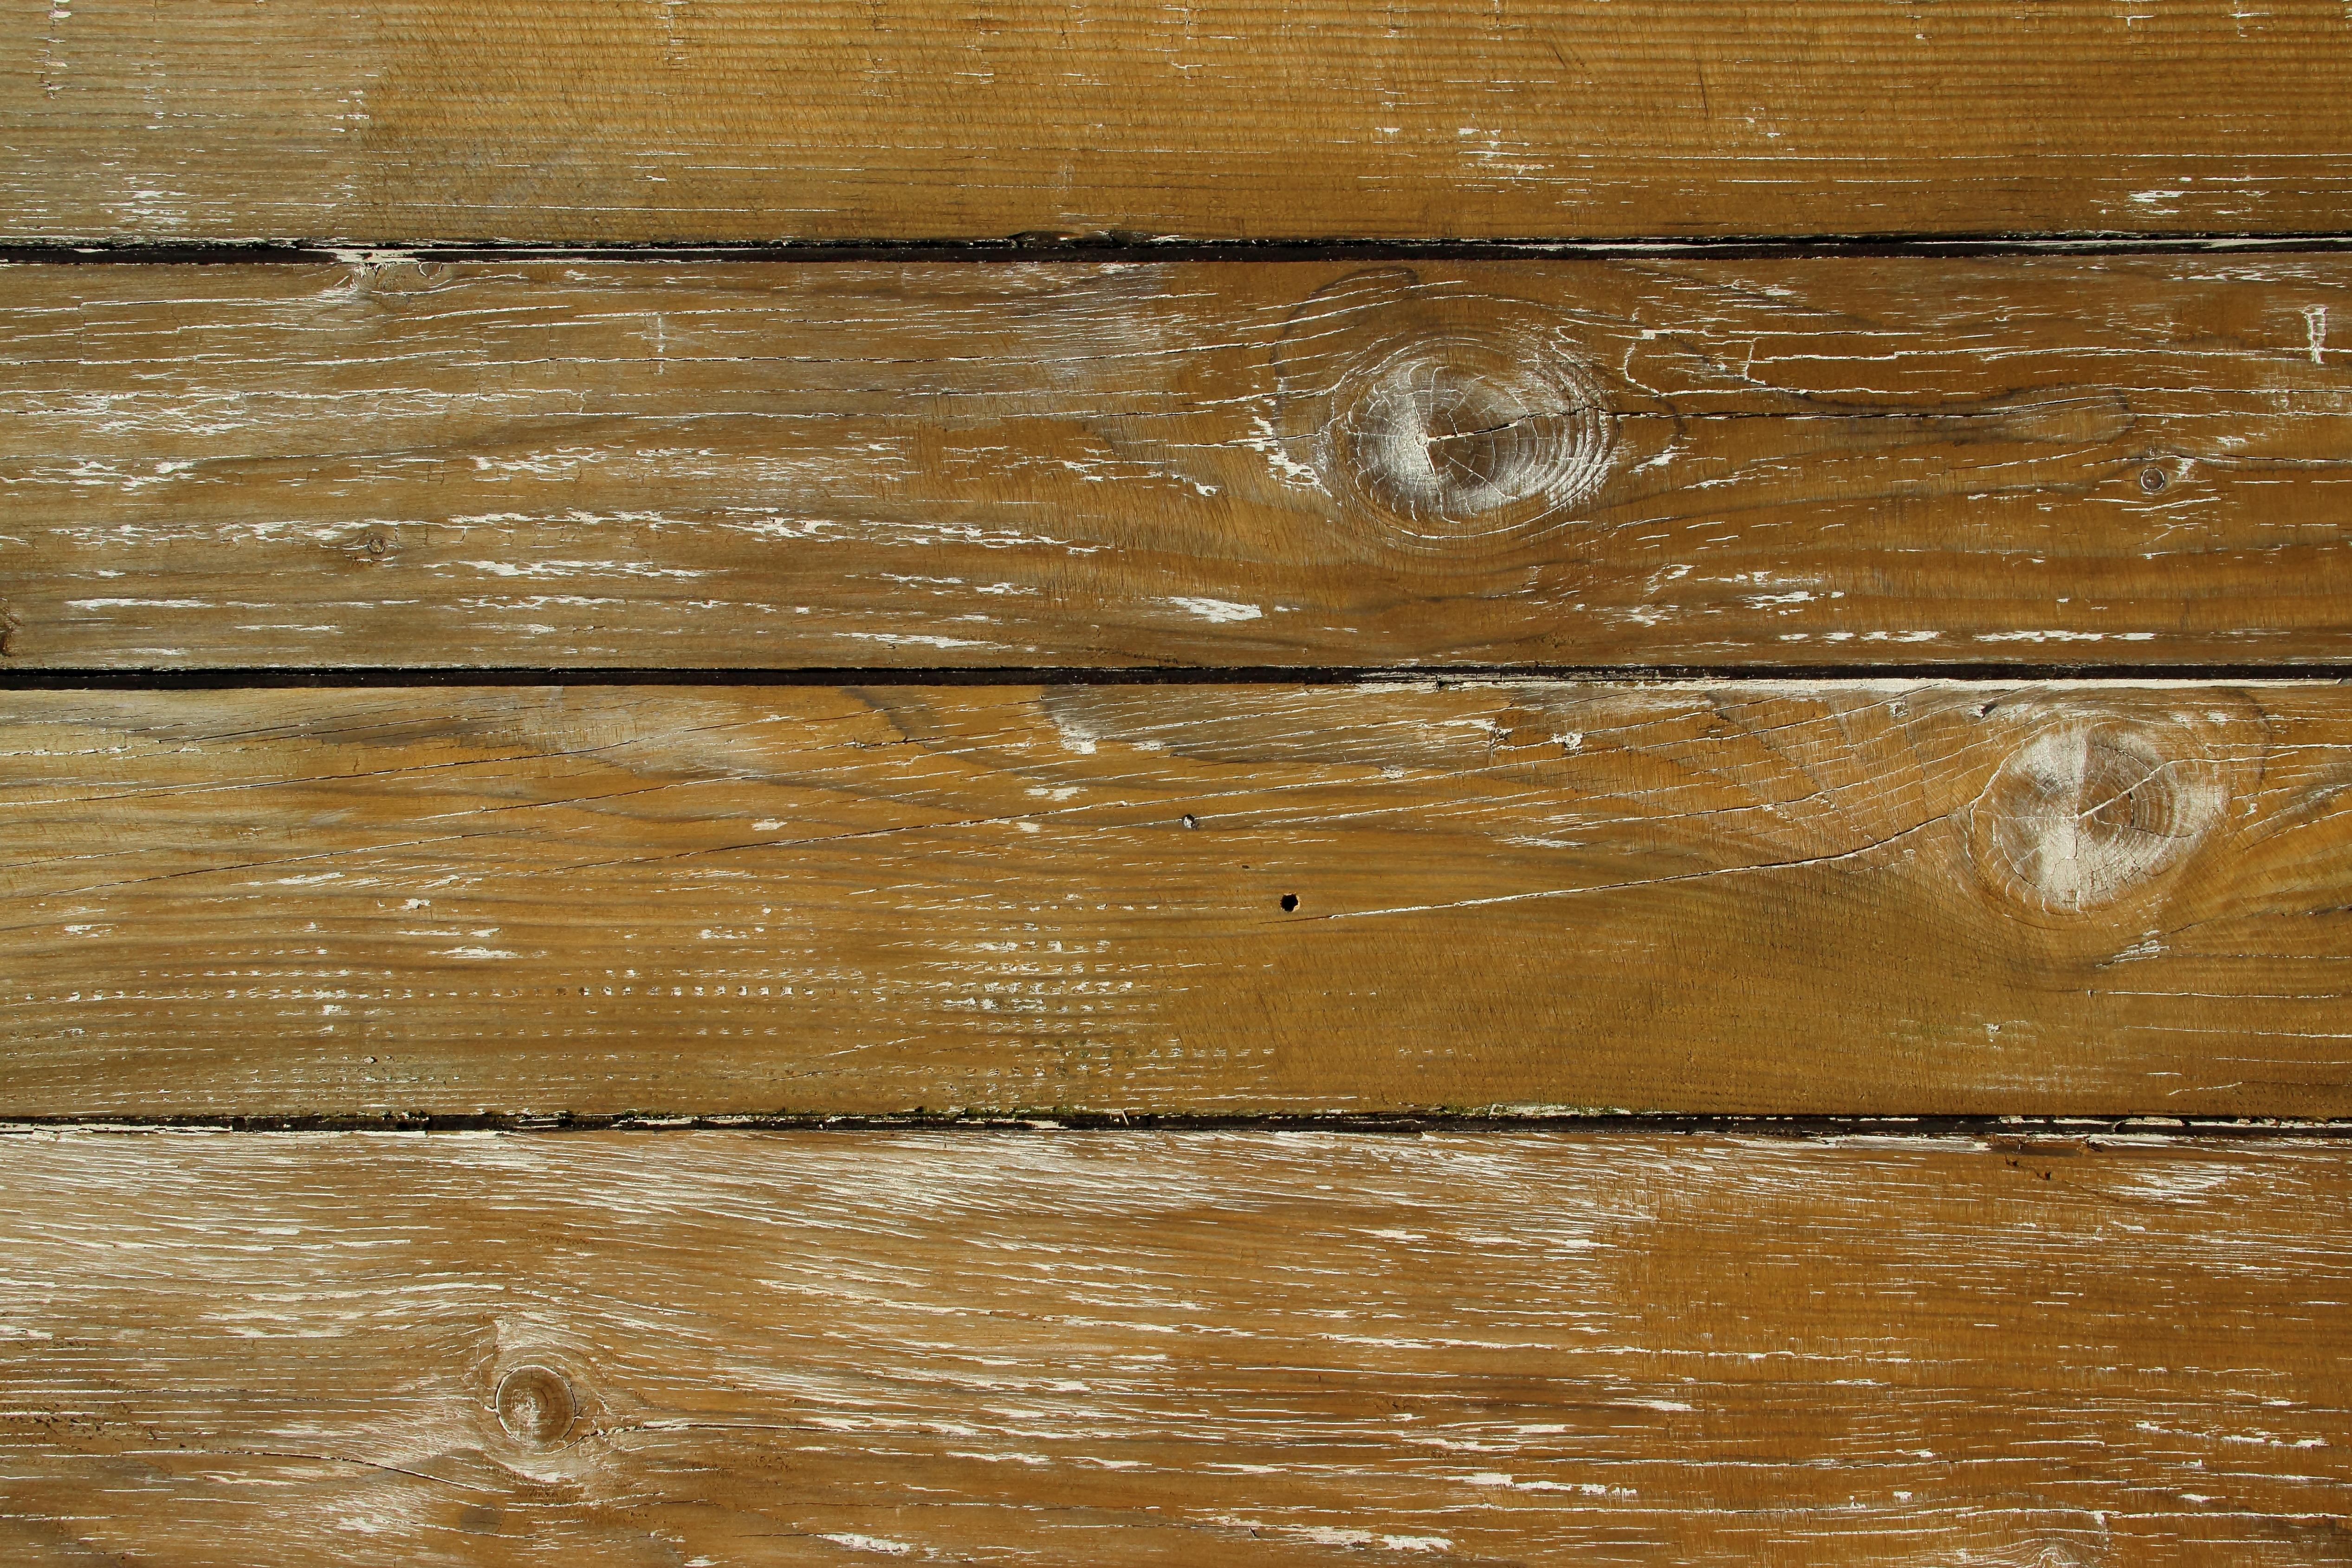 Struktur Holz Korn Textur Planke Stock Mauer Muster Holz Hintergrund  Hartholz Bretter Tapete Bodenbelag Leisten Holzboden